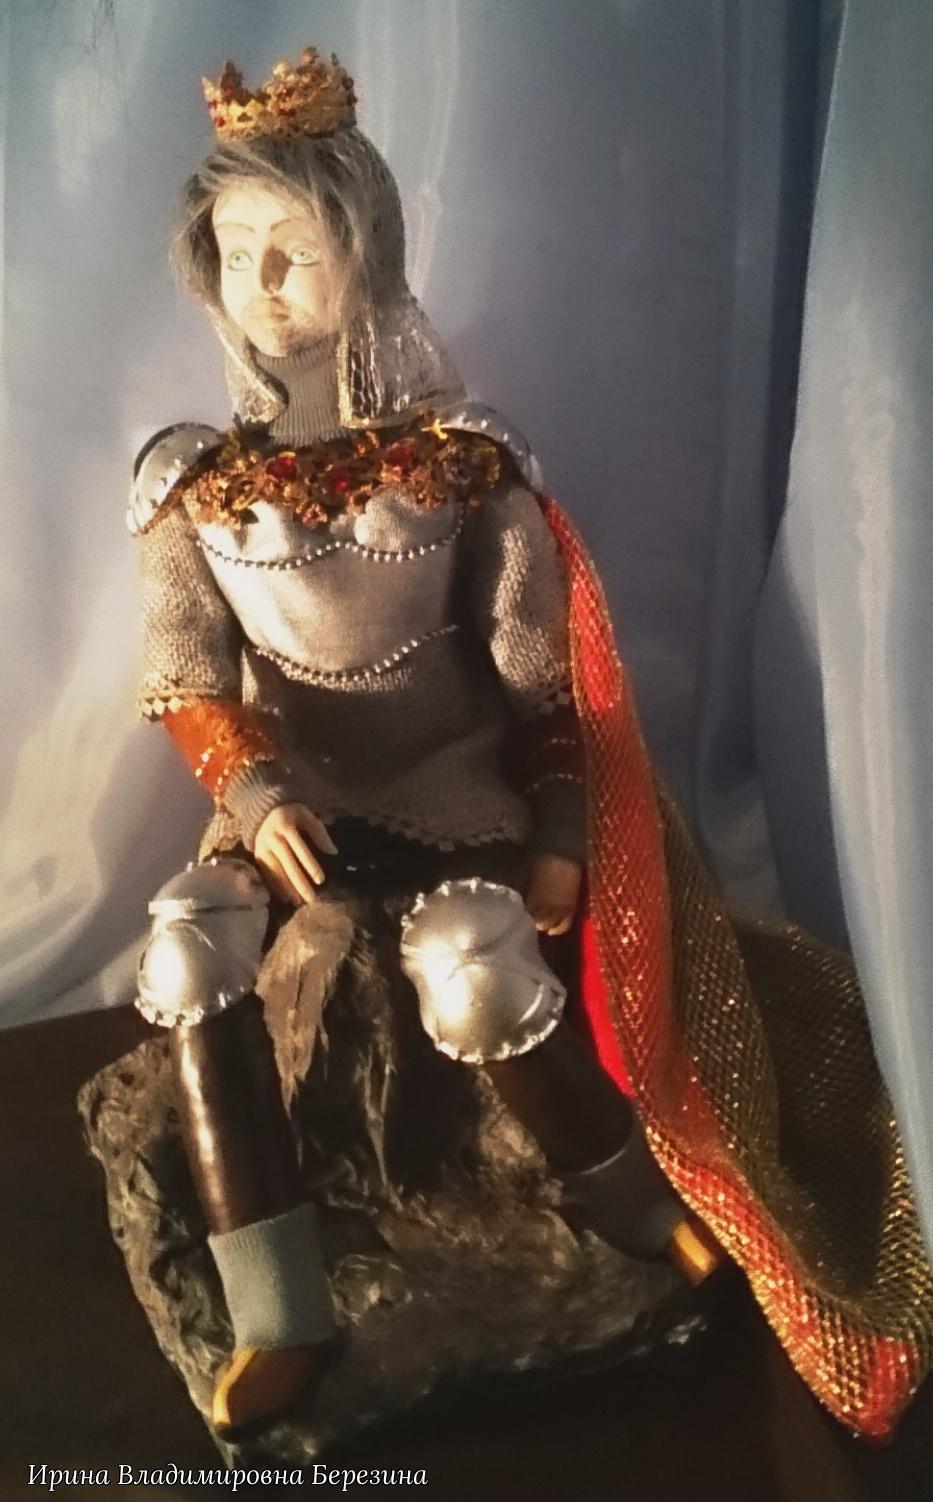 """Ирина Владимировна Березина. """"Король Артур"""" Авторская кукла созданная на основе исторического образа"""